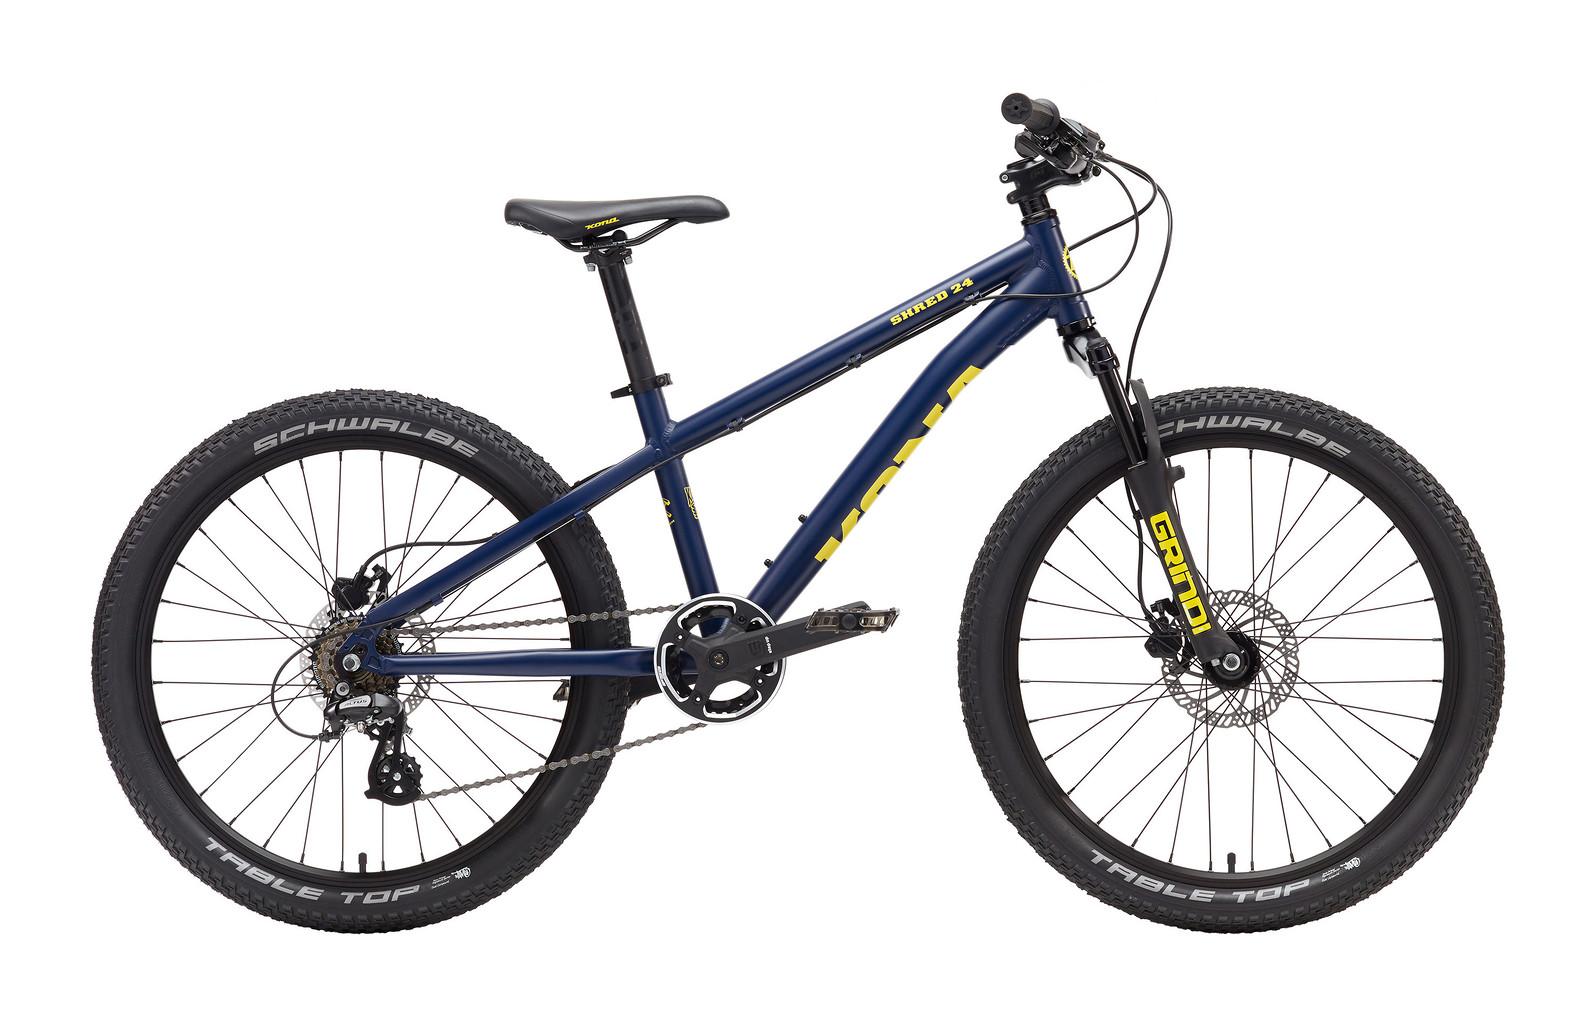 2017 Kona Shred 24 Bike